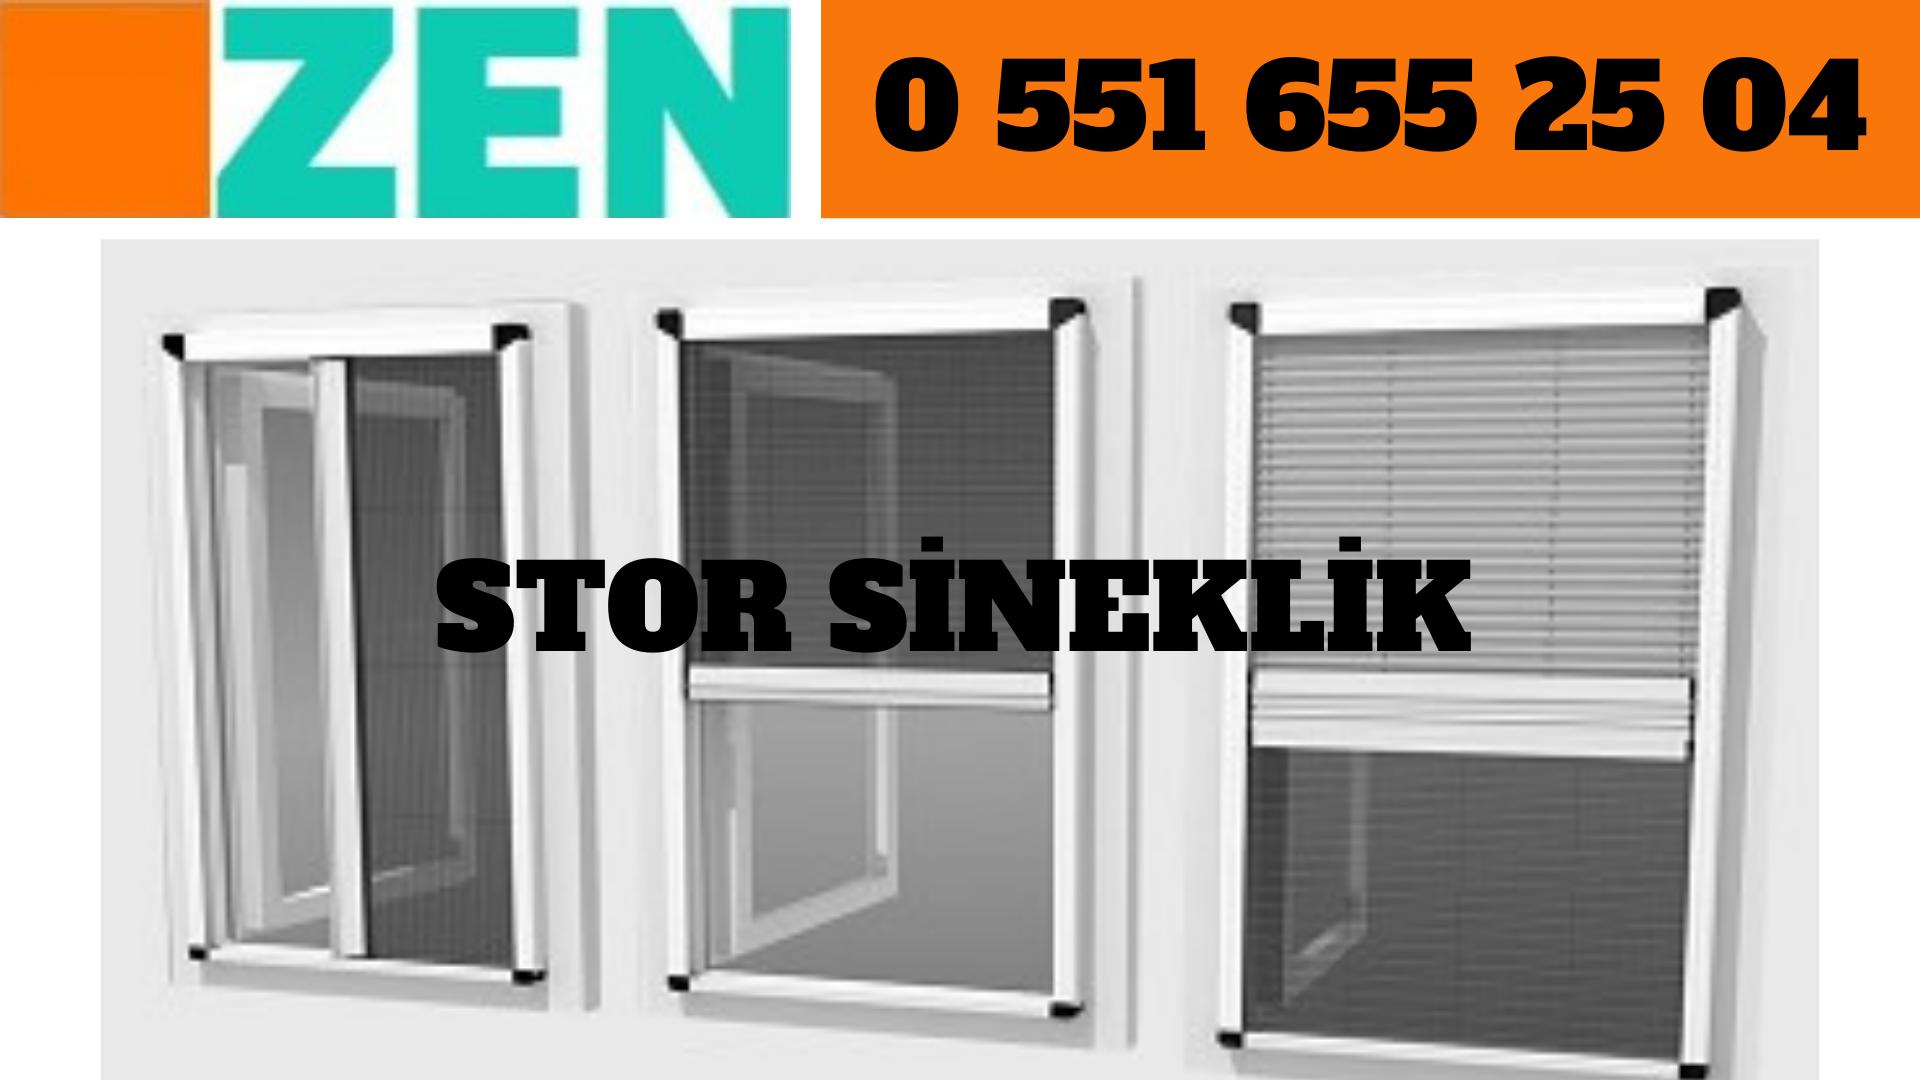 Stor sineklik pencere sistemleri İzmir